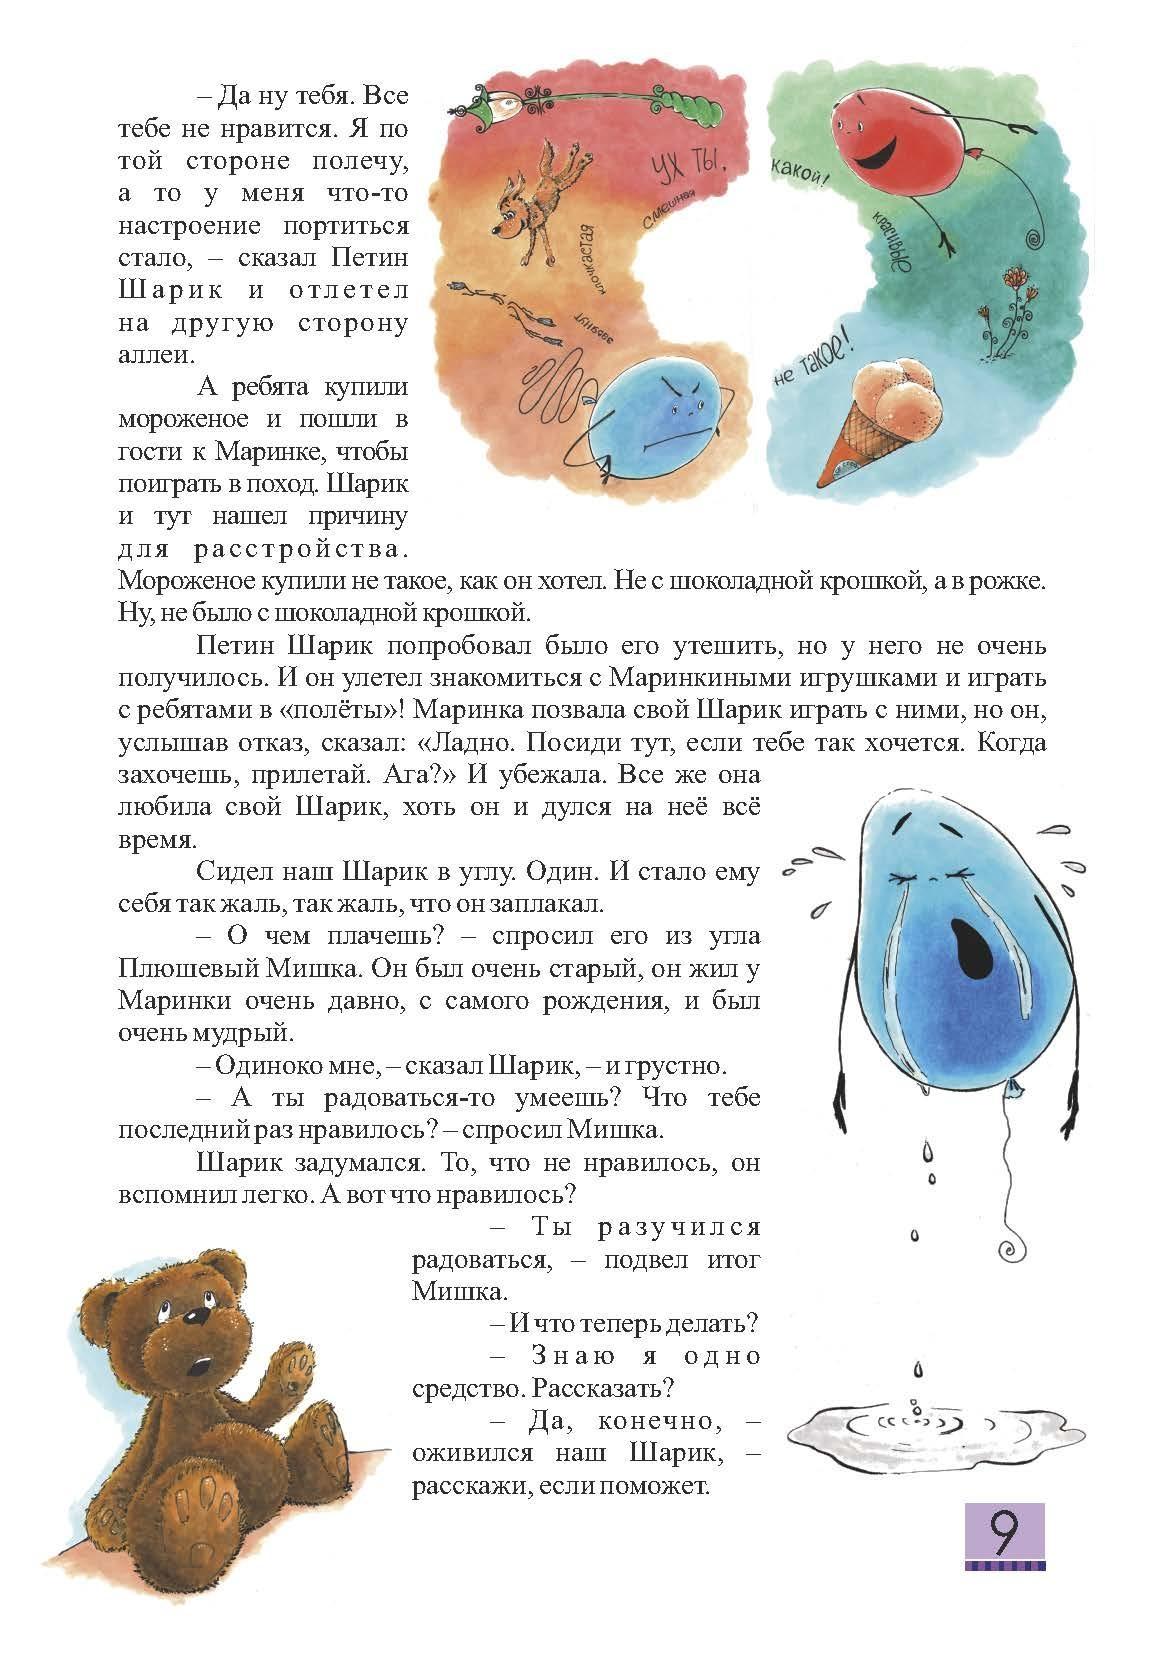 Детский журнал Енот - 2019.08 Страница 09